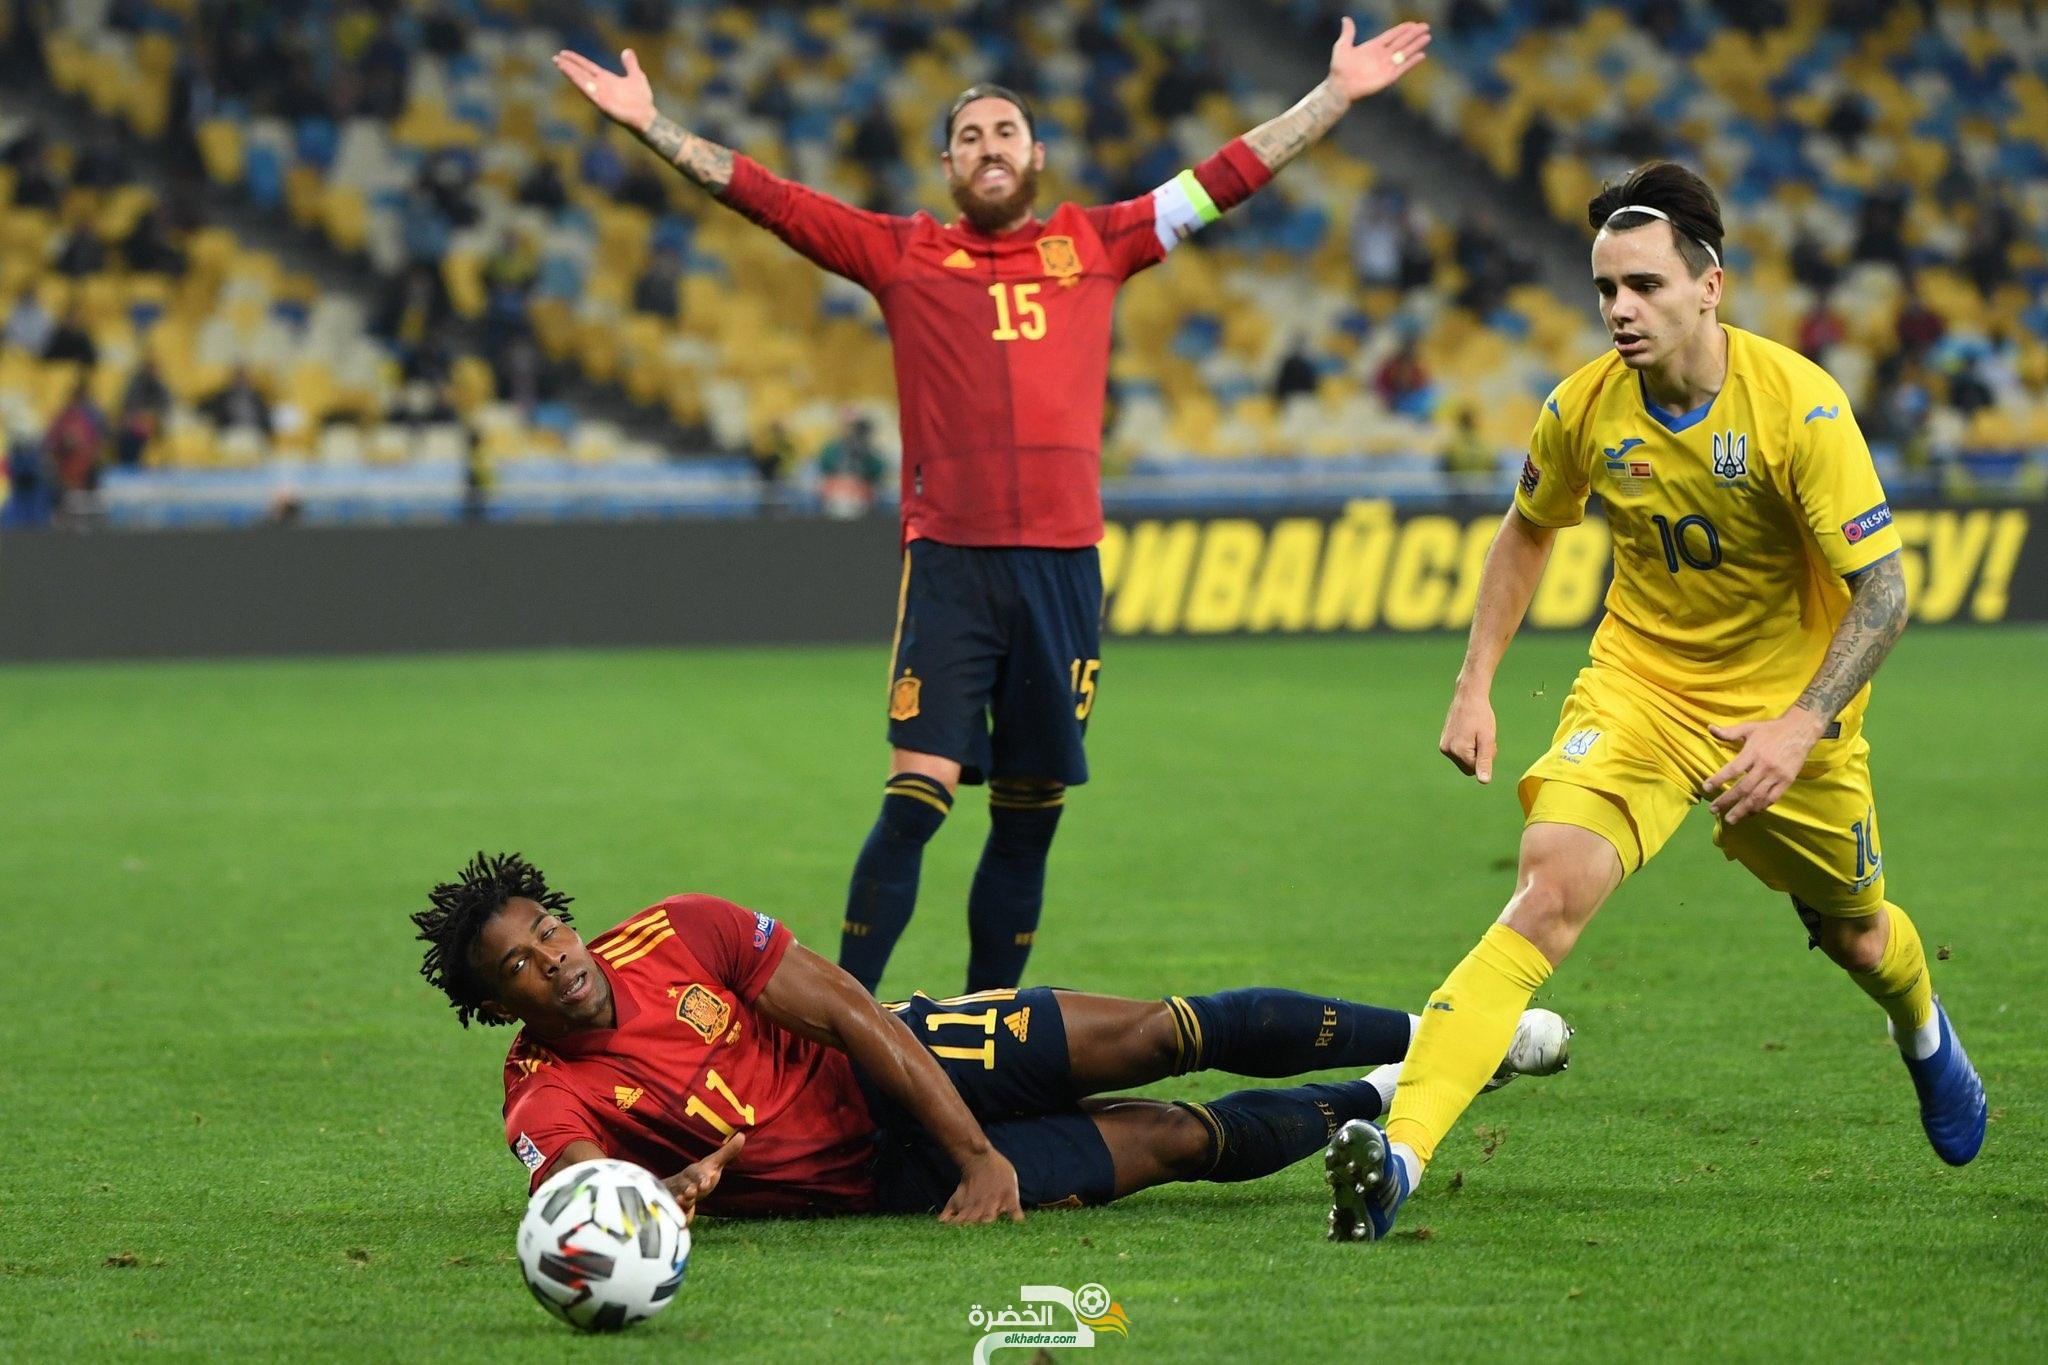 منتخب أوكرانيا يفوز على إسبانيا بهدف دون رد 29